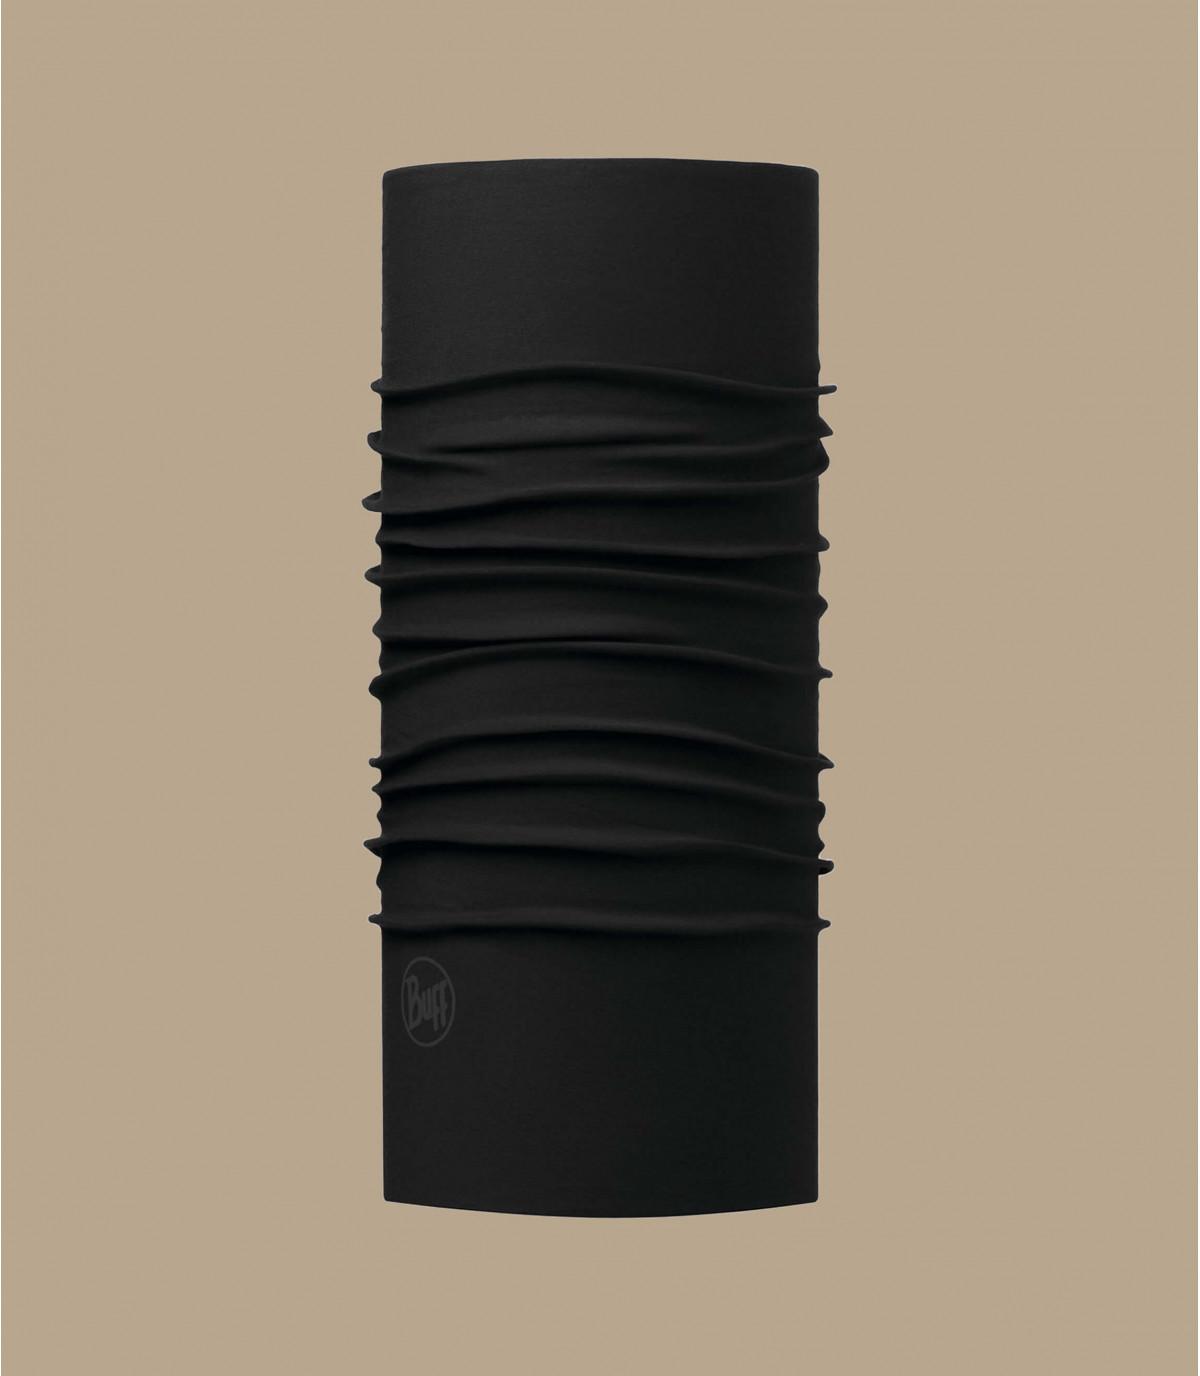 Buff noir microfibres